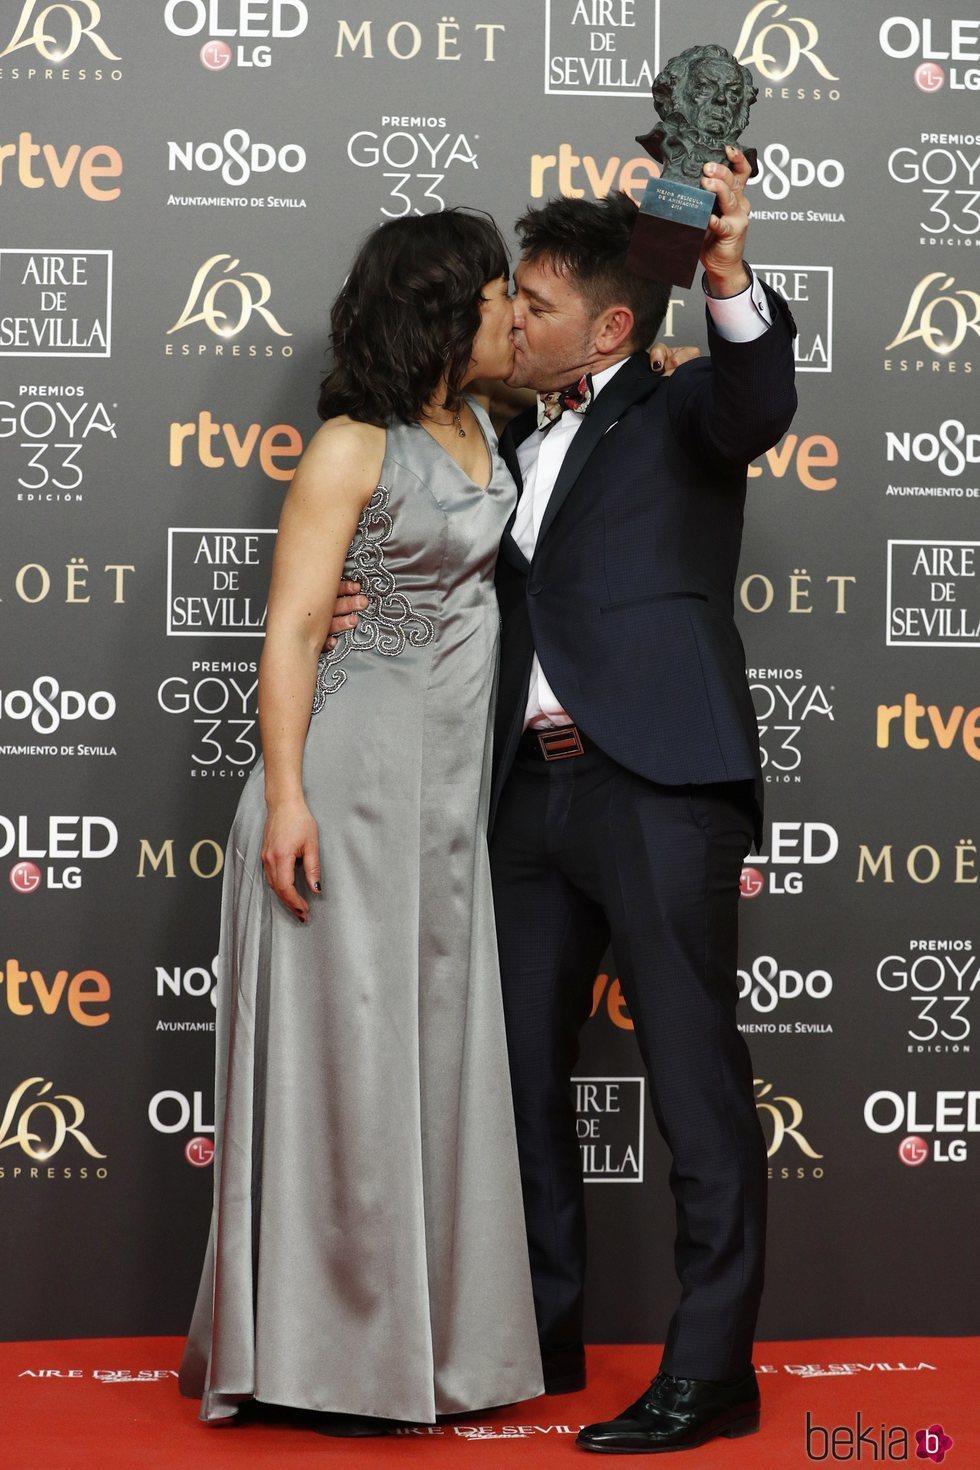 Raul de la Fuente y Damian Nenow con su estatuilla en los Premios Goya 2019